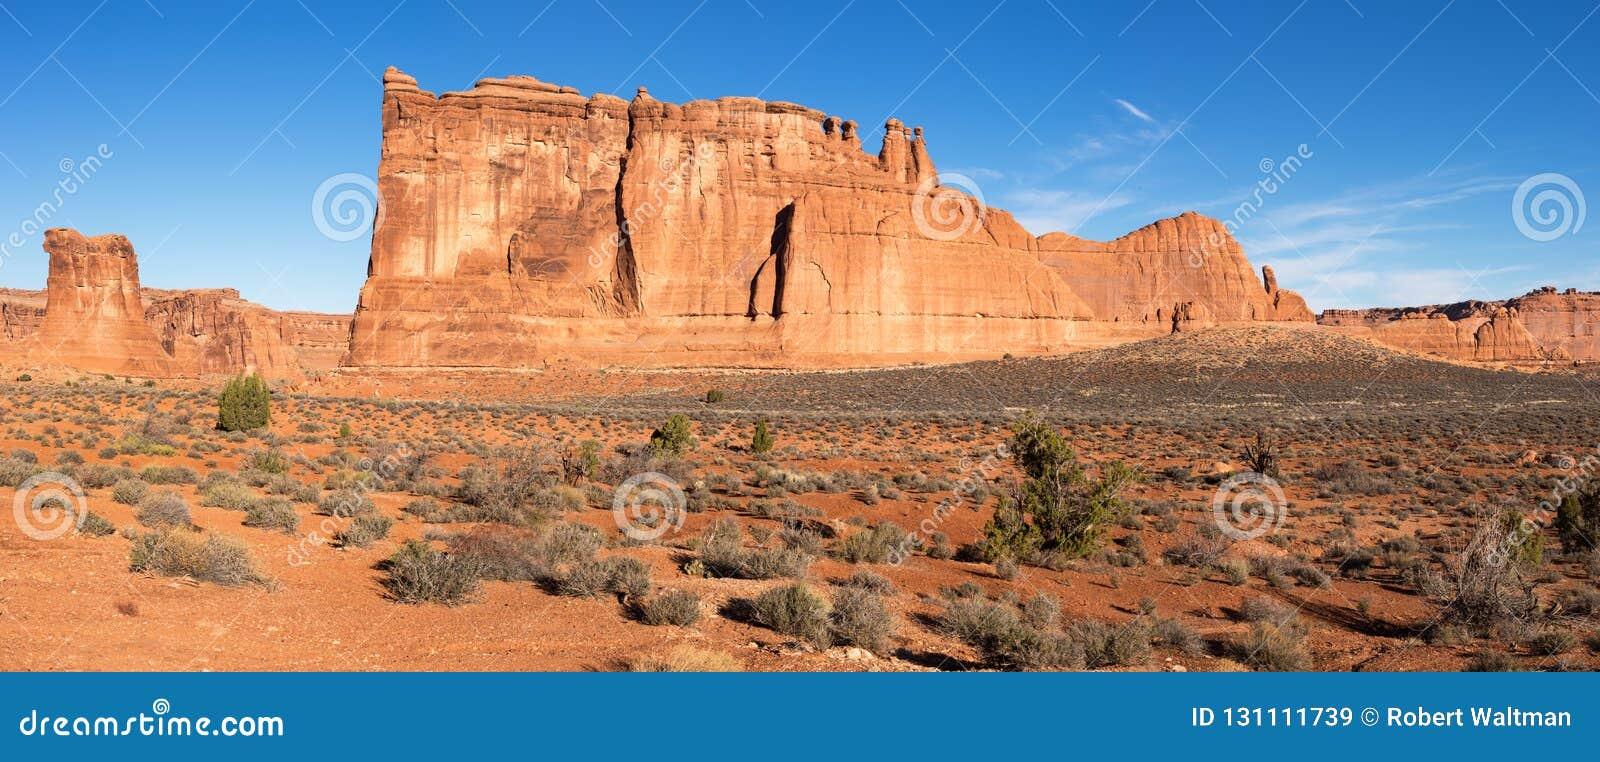 Torri di Babele nel parco nazionale Utah di arché